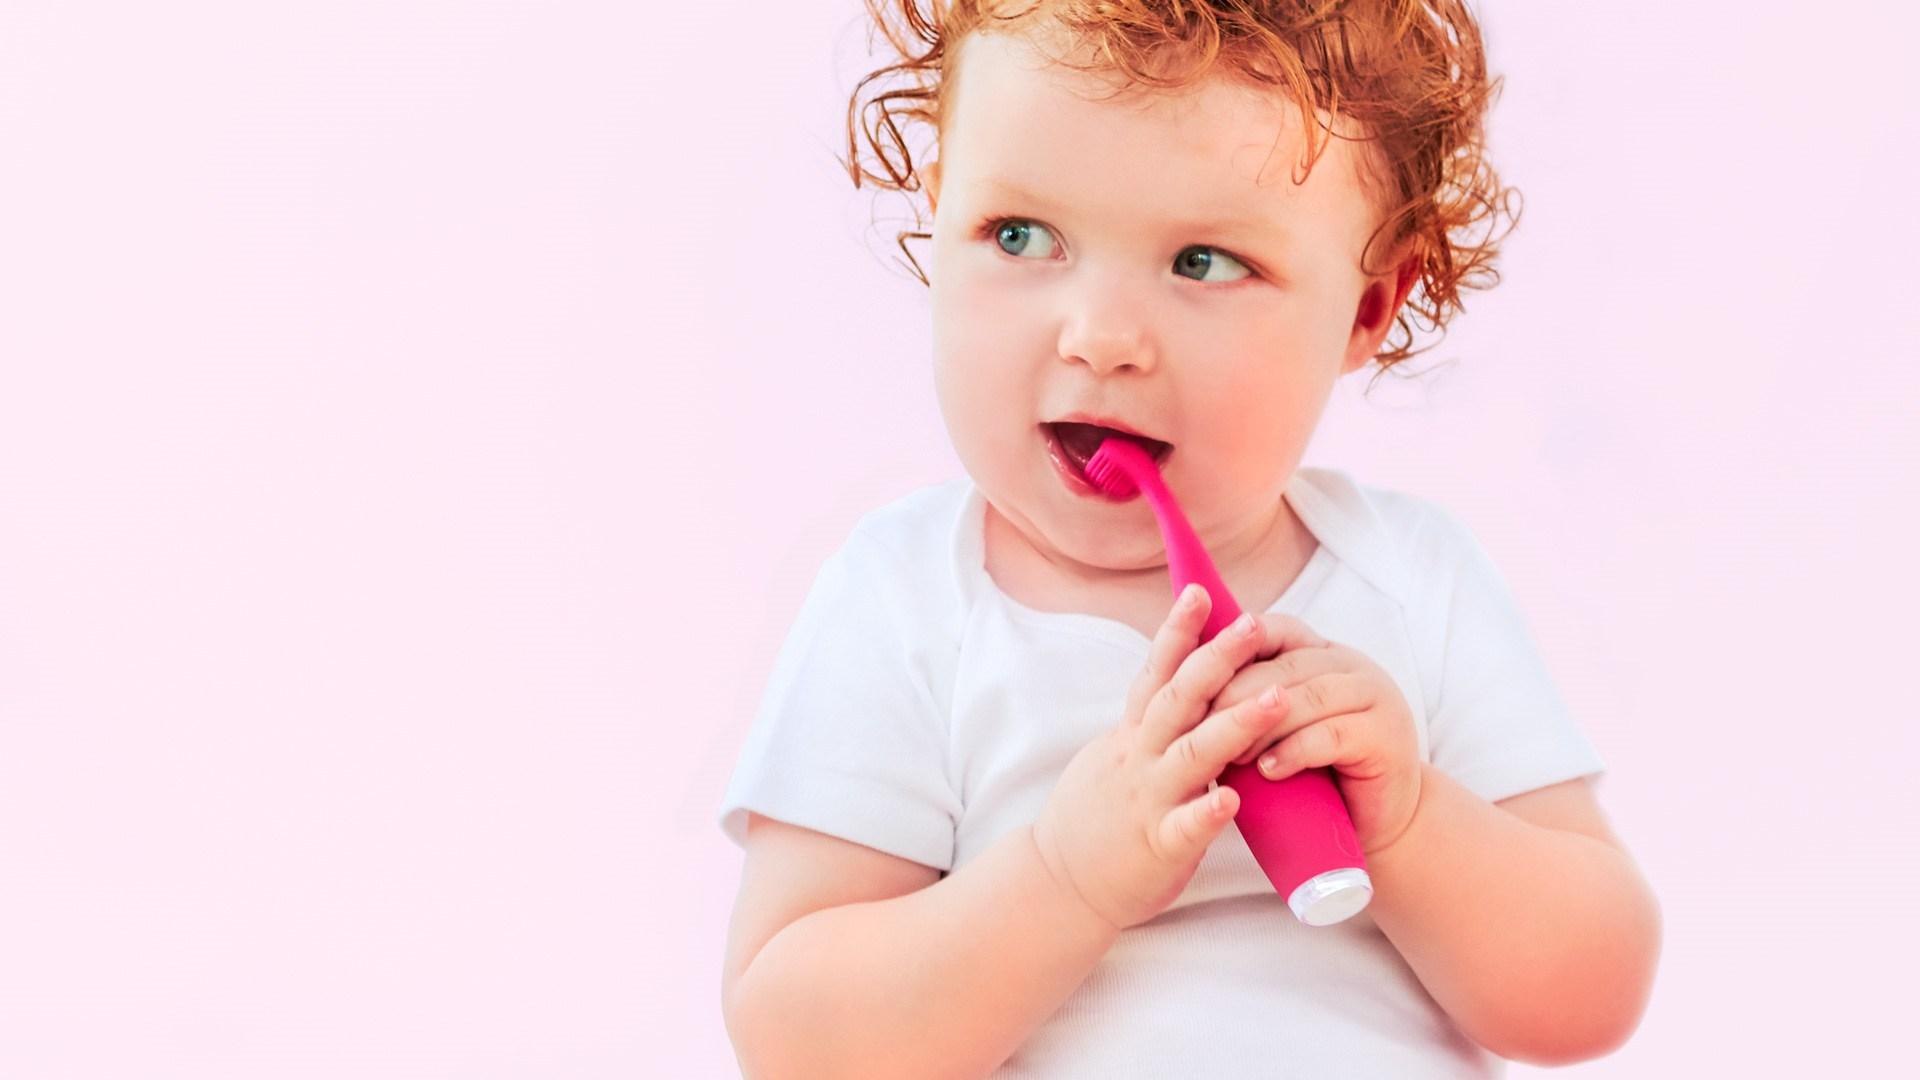 Малыш с зубной щеткой